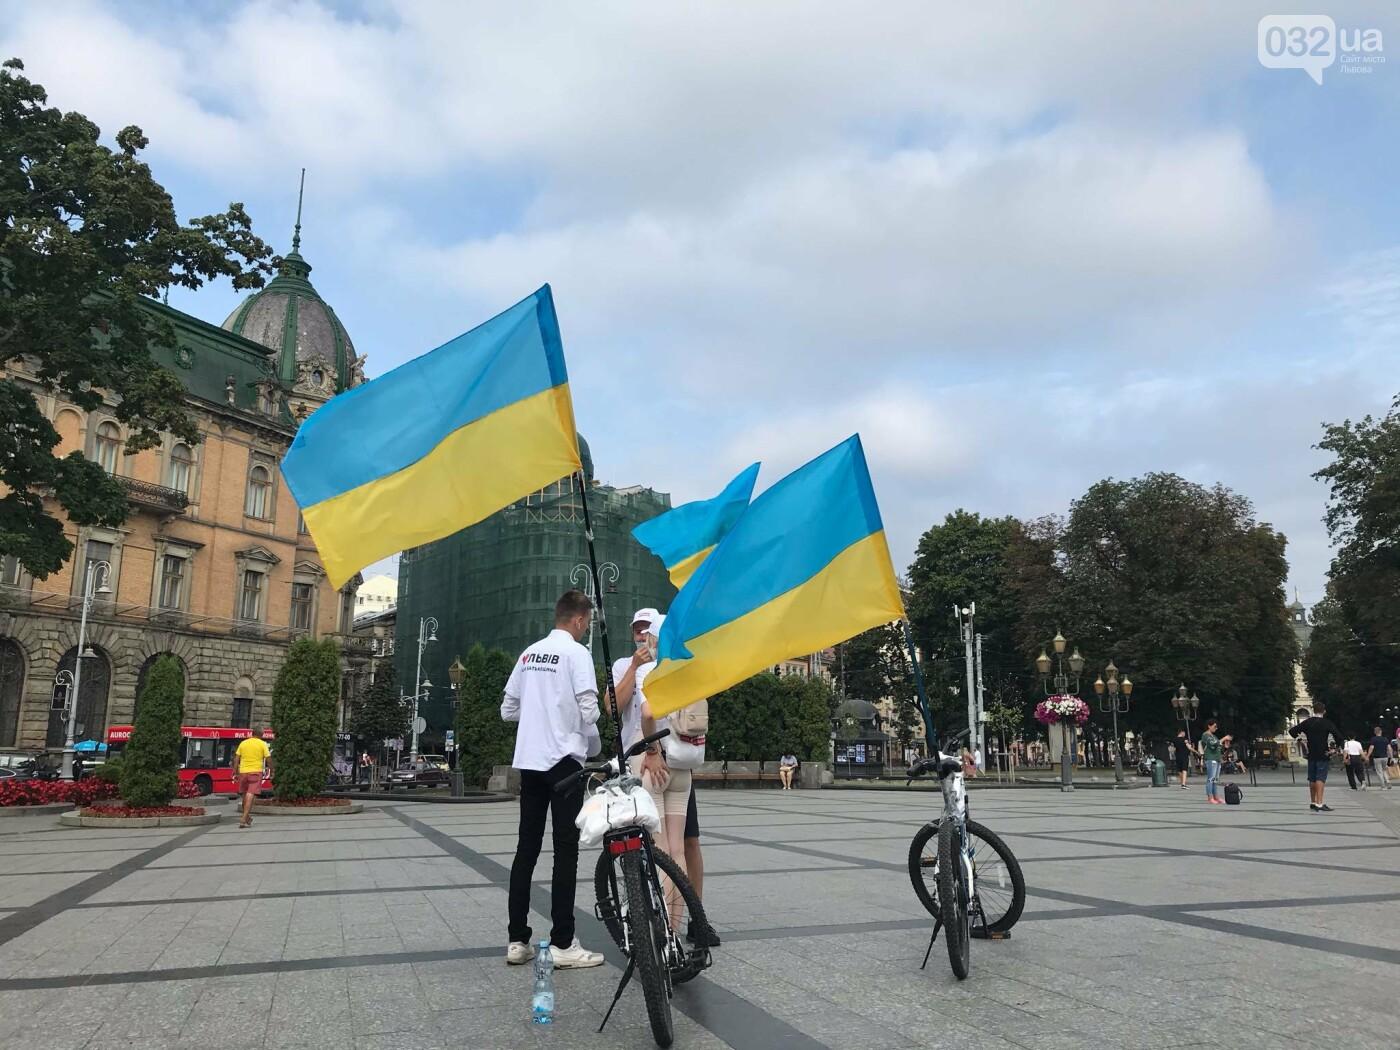 Забіг з прапорами до Дня Державного прапора у Львові. Фото - 032.ua